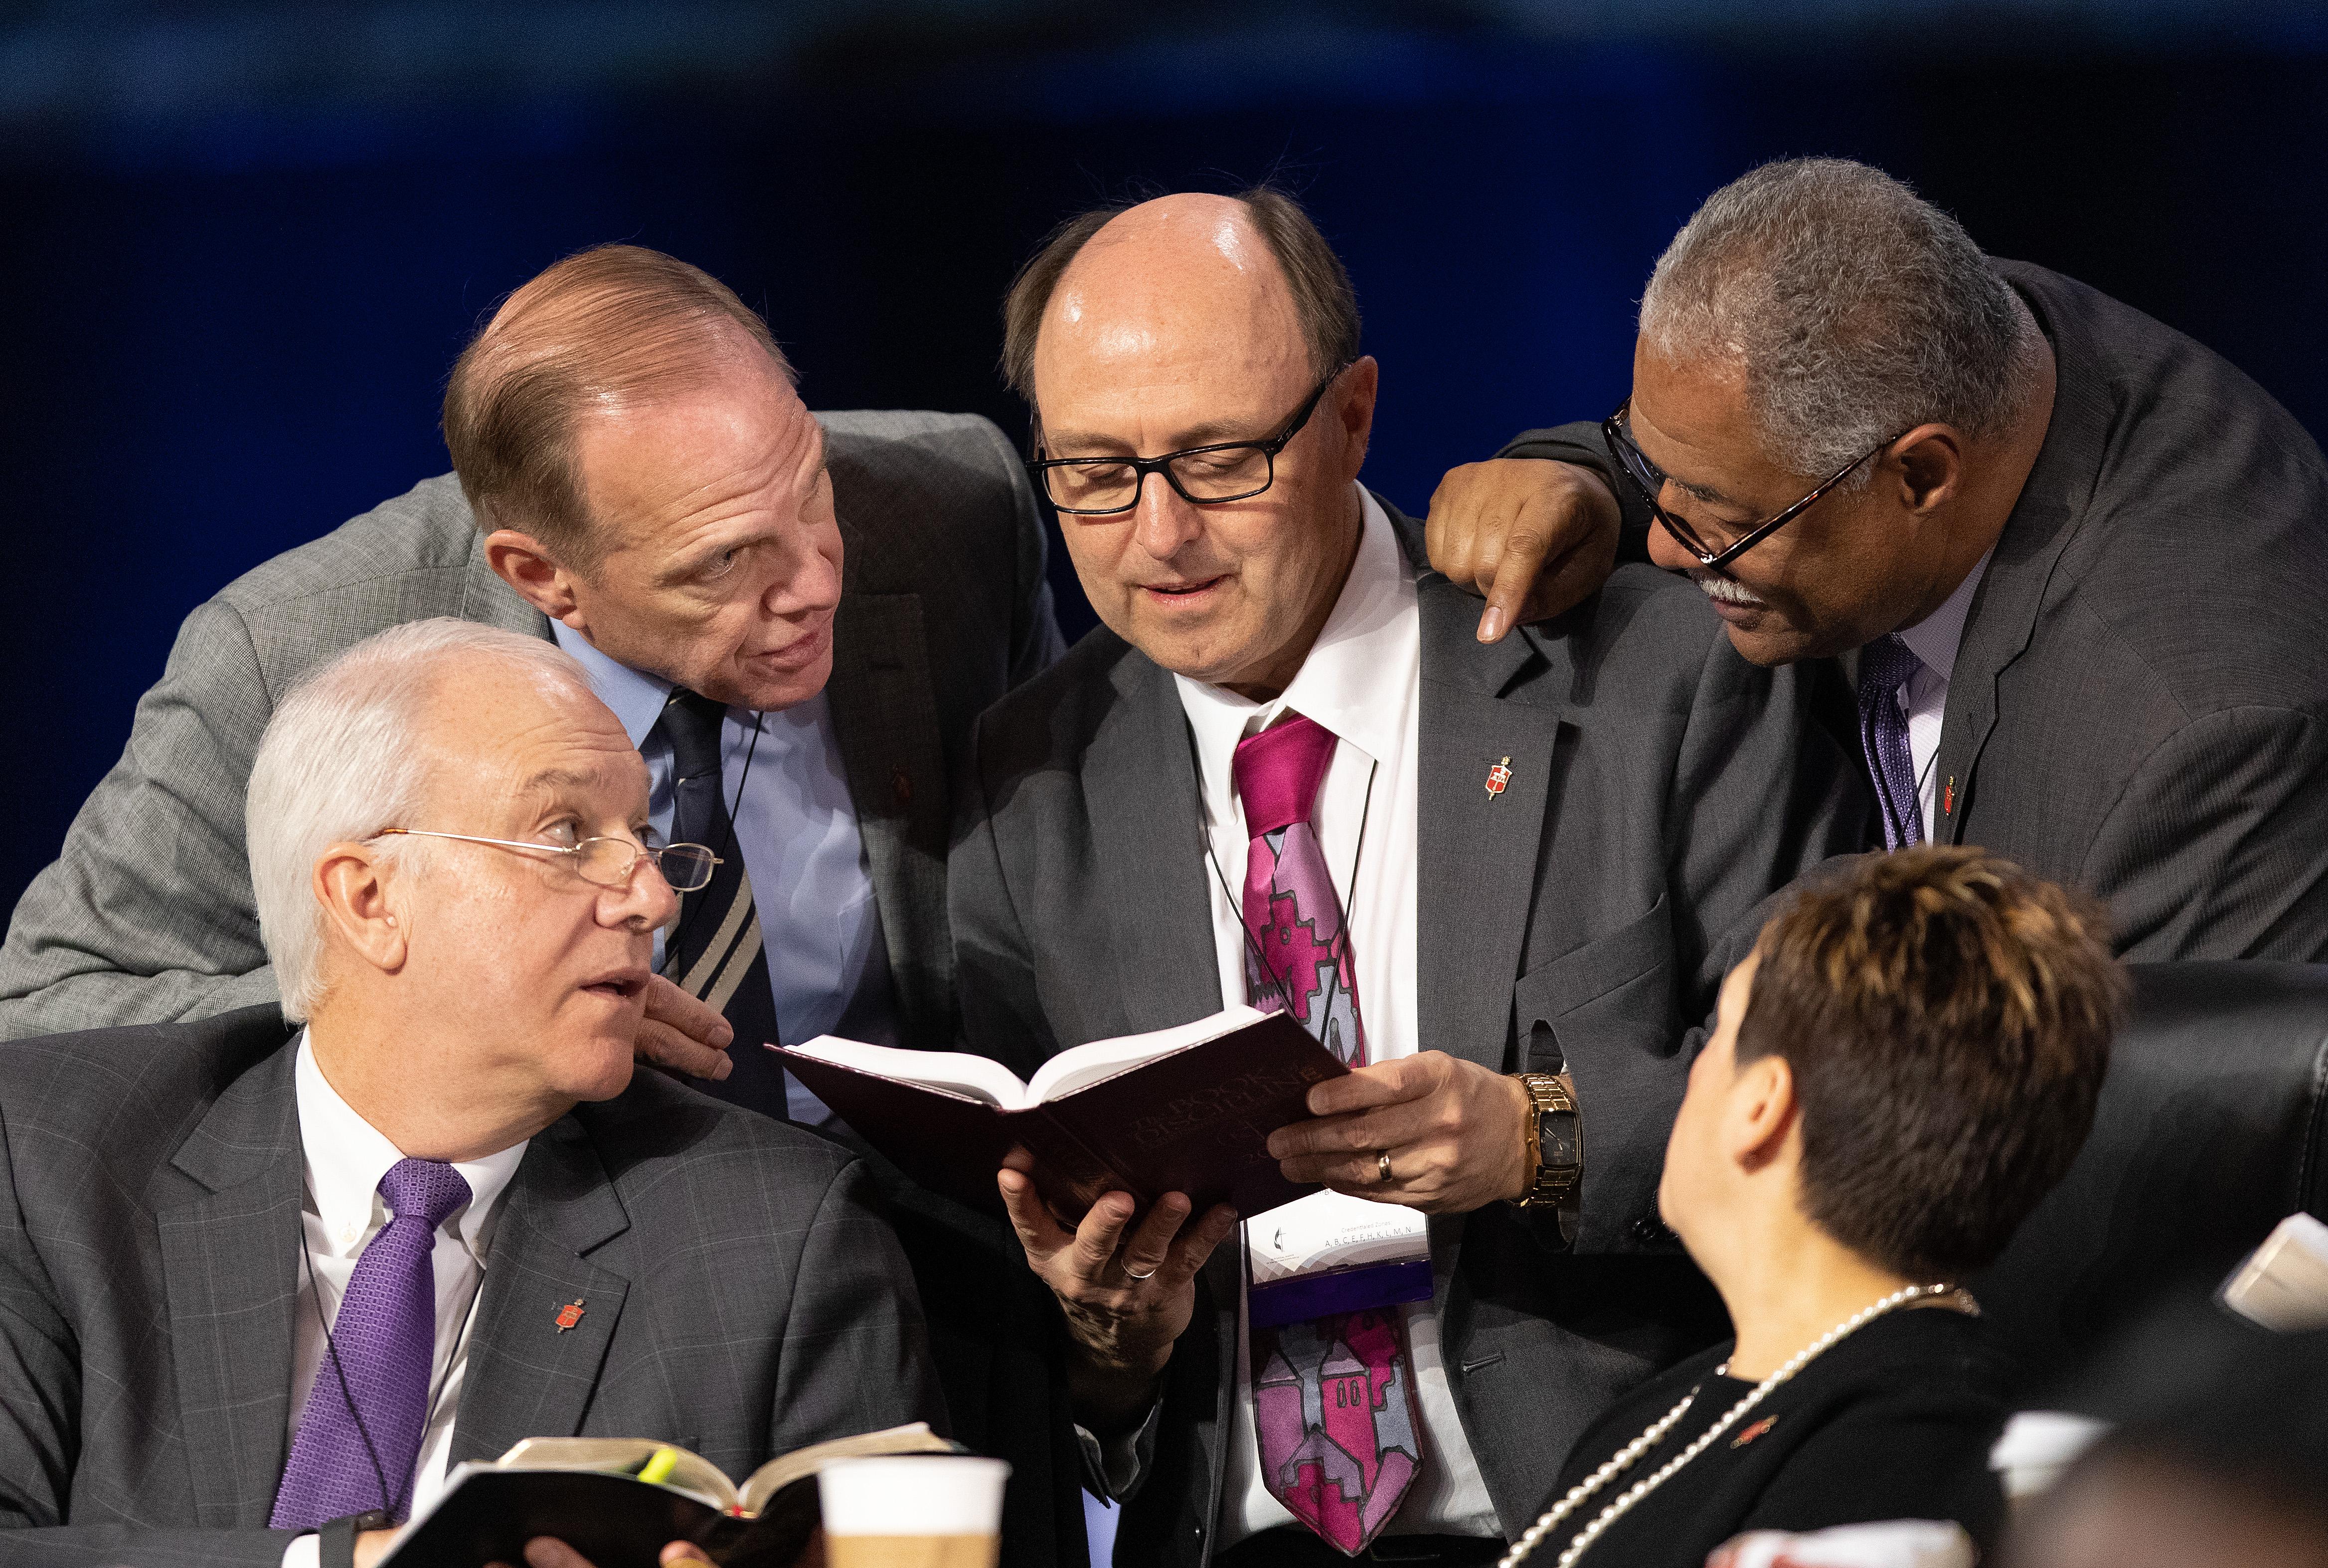 왼쪽 아래에서 시계 방향으로 토마스 비커튼, 존 스콜, 데이비드 바드, 줄리어스 트림블 및 신시아 하비 감독. 사진 마이크 듀 보스, UMNS